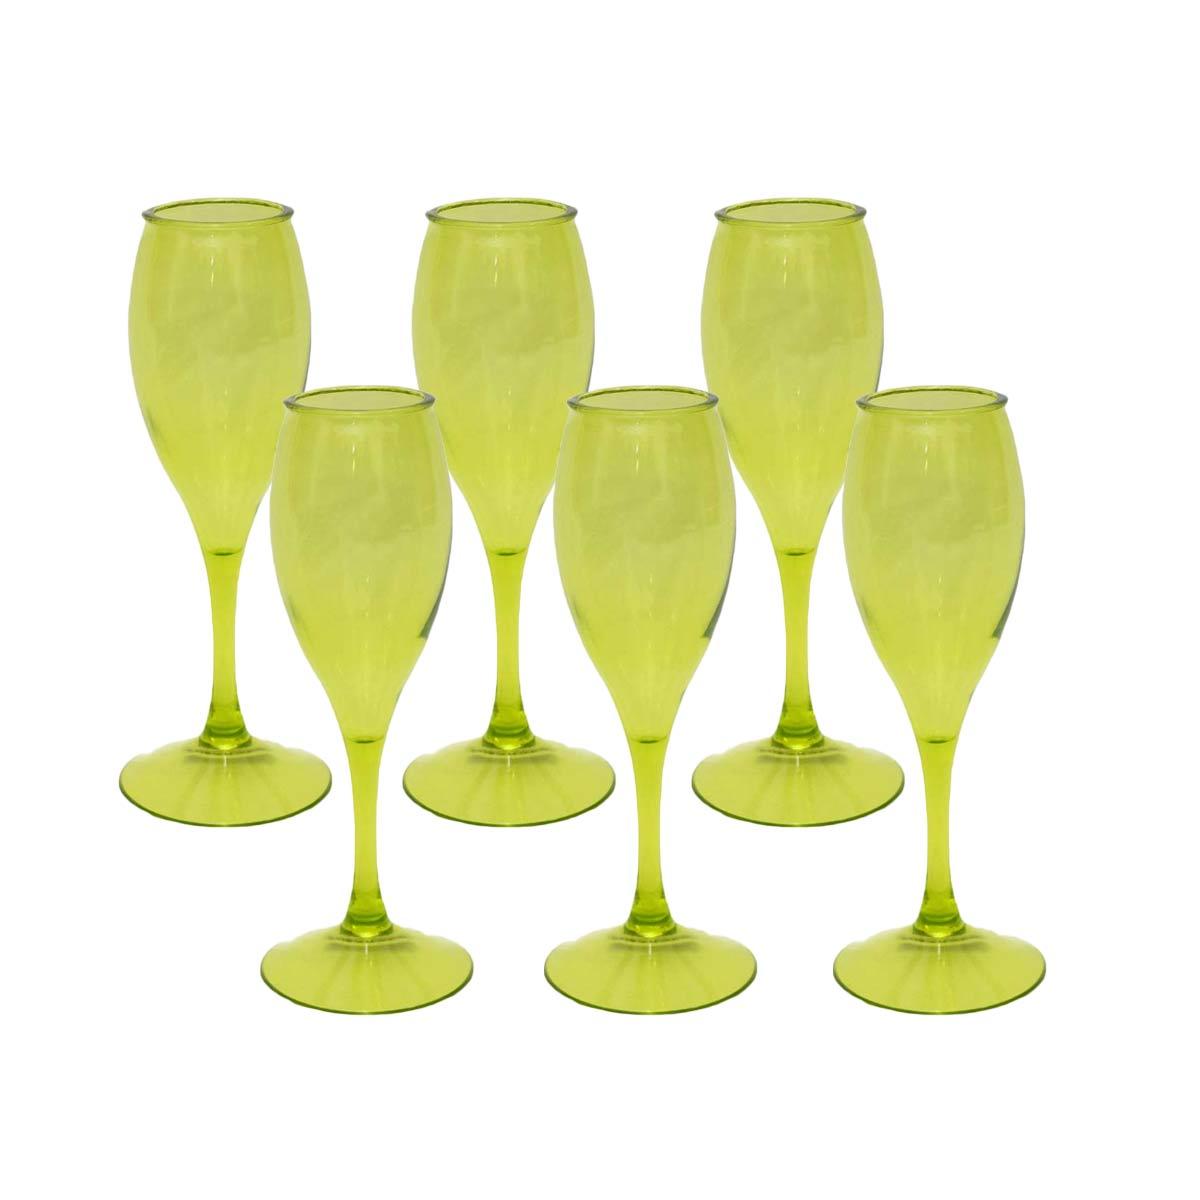 Kits 6 Taças para Champagne Acrílico Verde 220 ml  - Lemis